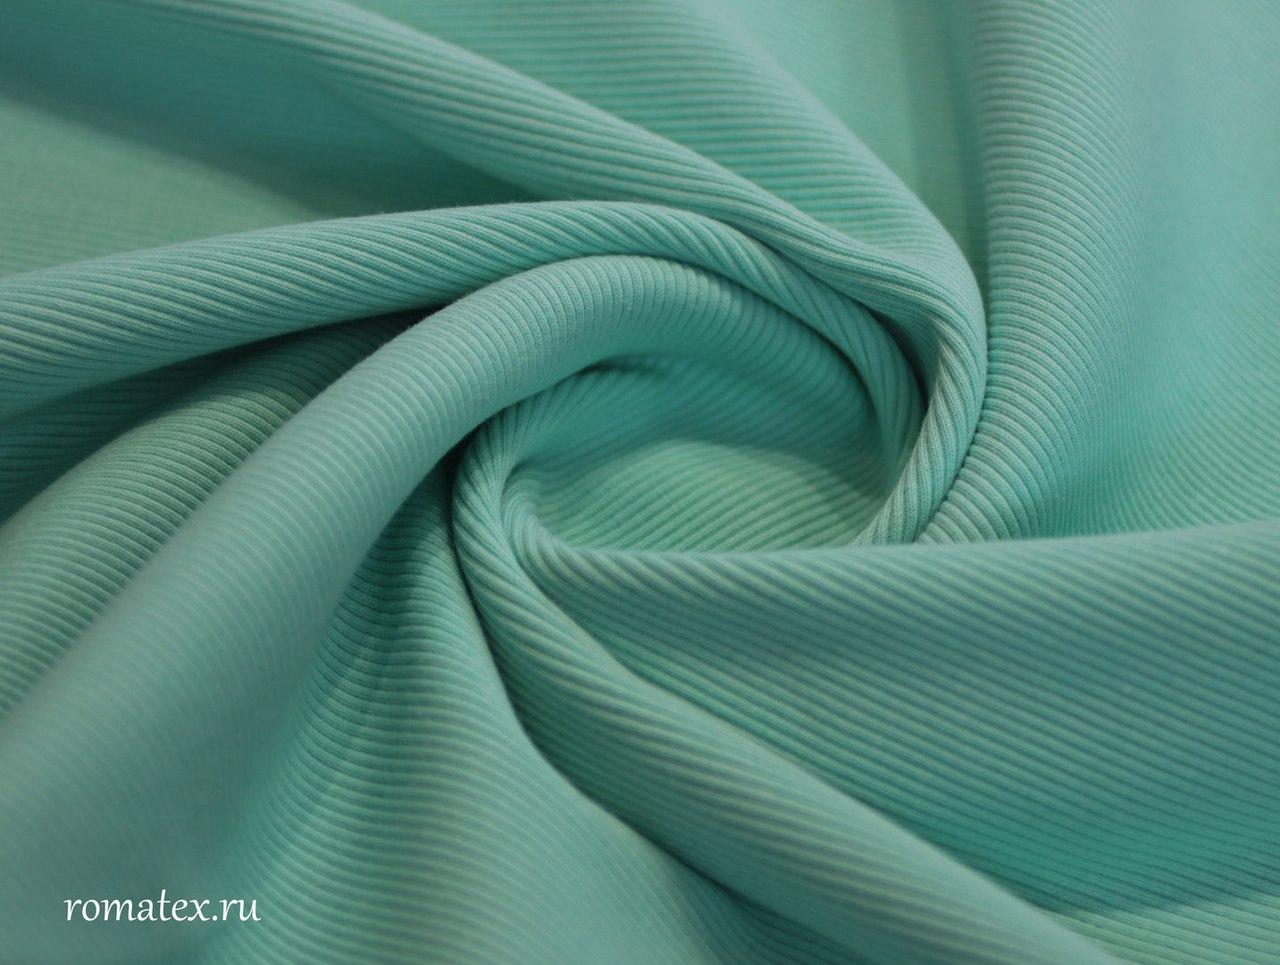 Ткань кашкорсе цвет мятный